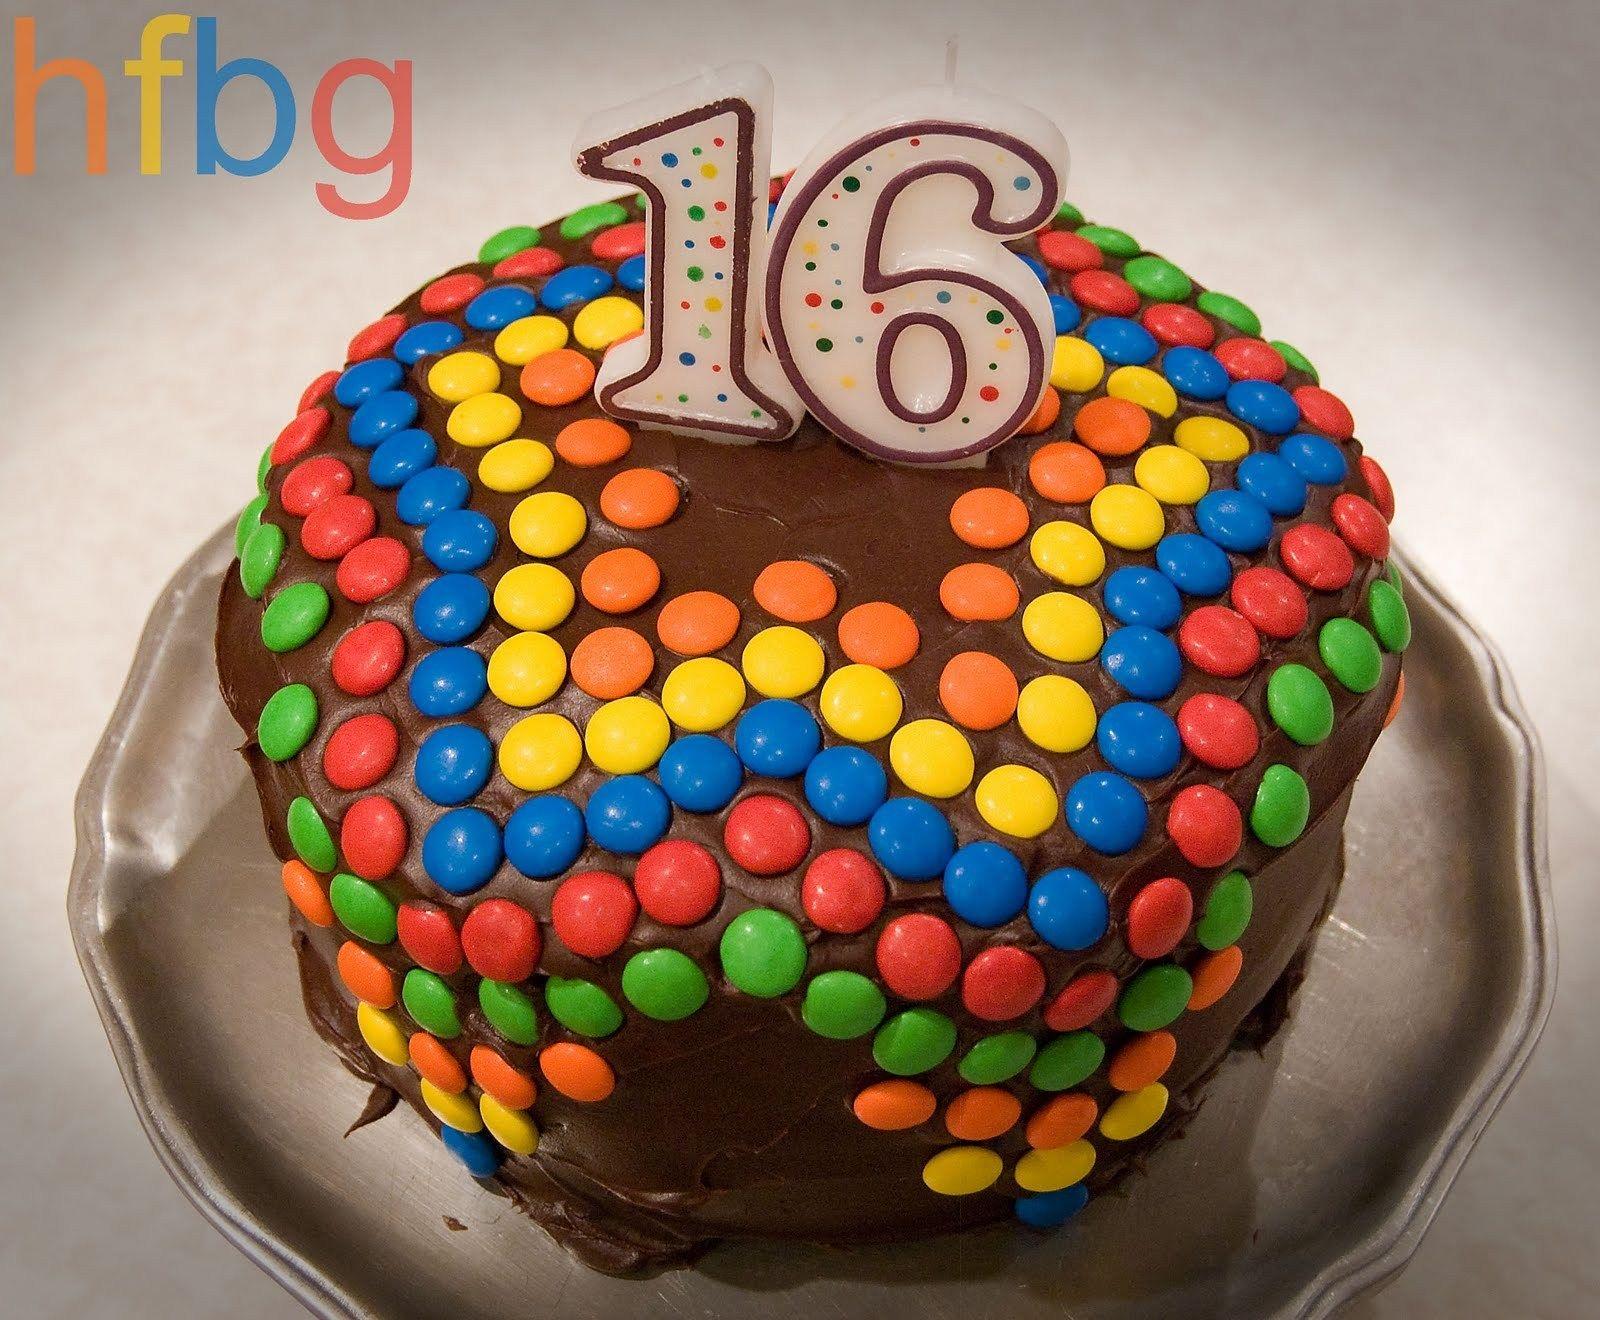 Phenomenal 20 Wonderful Image Of Birthday Cake Mms Homemade Birthday Birthday Cards Printable Giouspongecafe Filternl